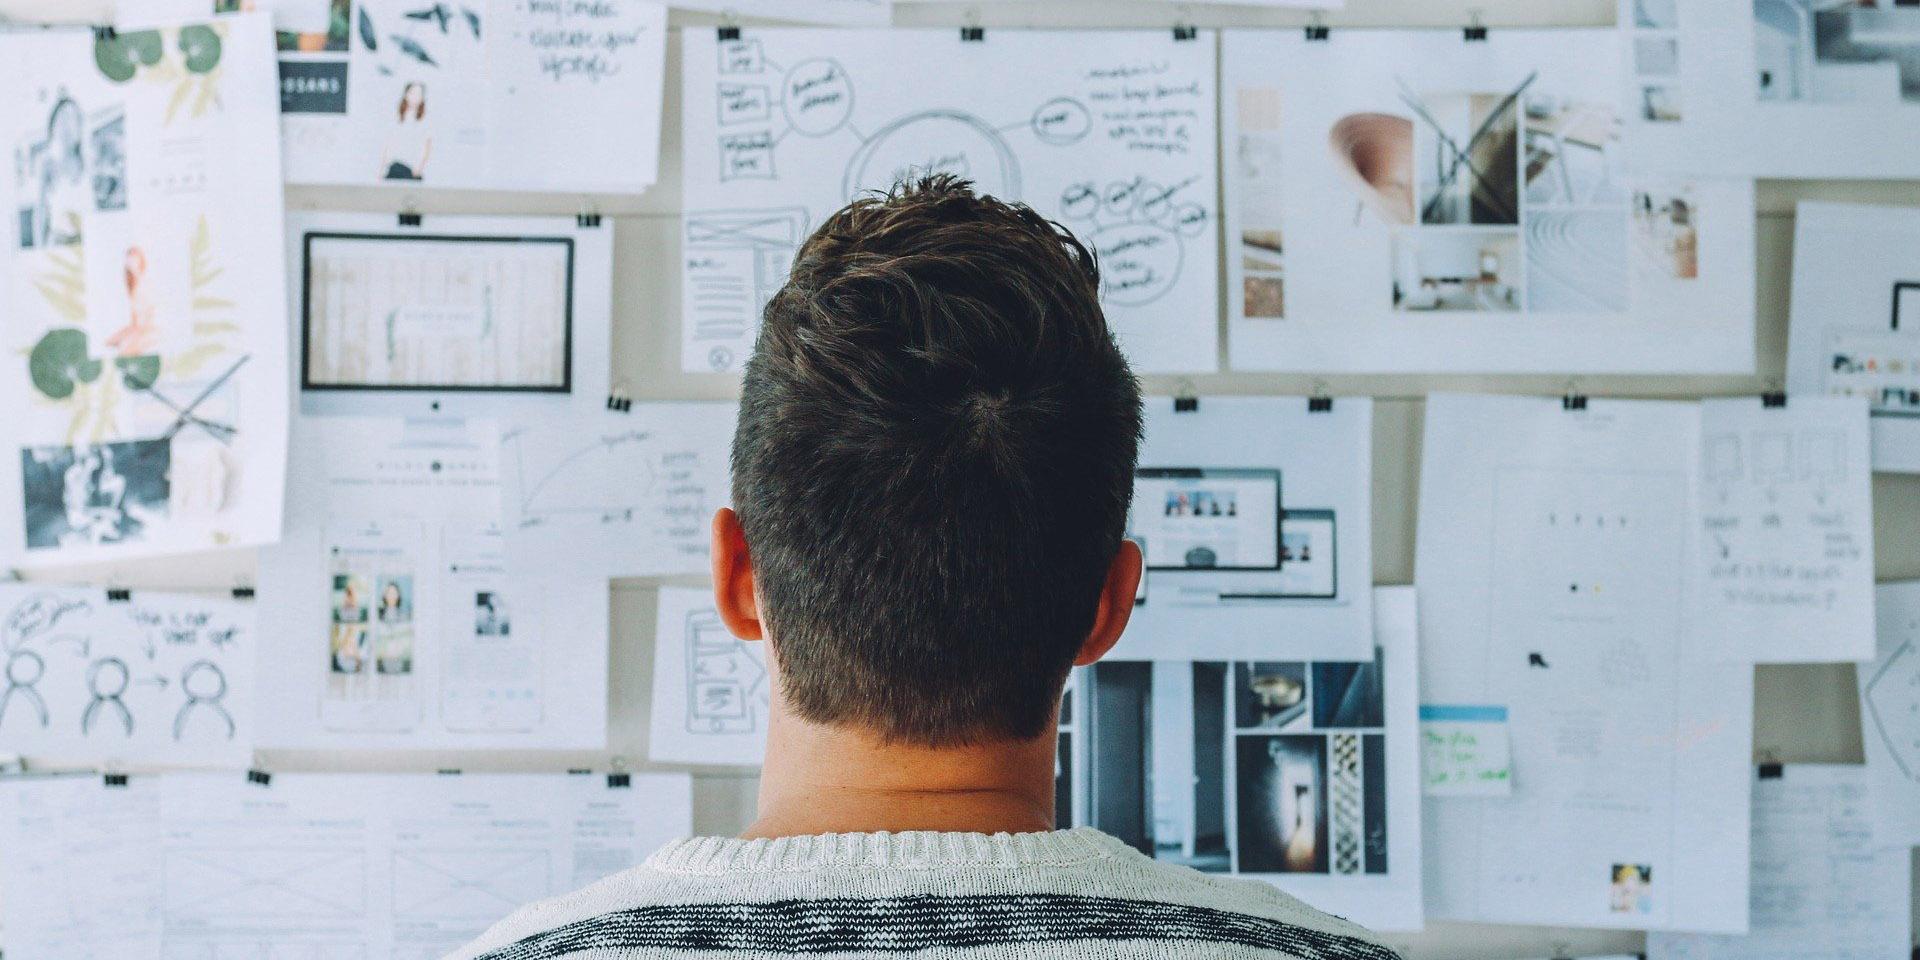 Ein Mann steht vor einer mit Notizen gefüllten Magnetwand im Büro.